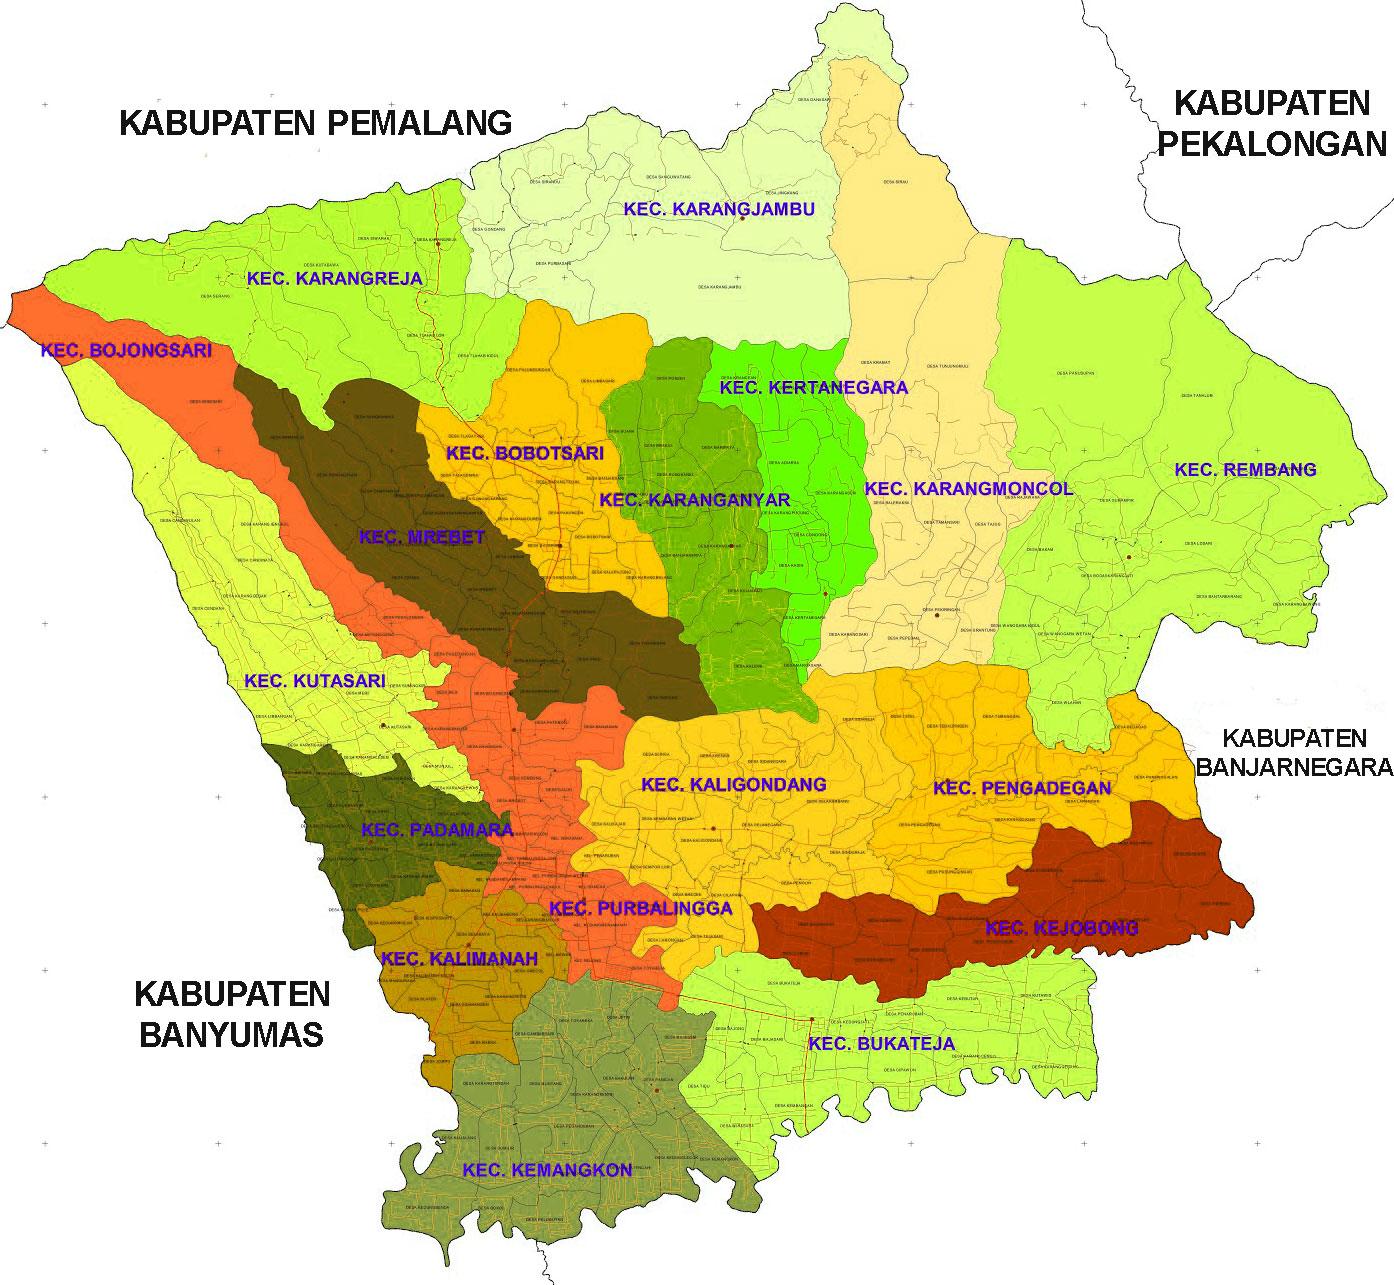 Gambar Peta Kecamatan Kabupaten Purbalingga